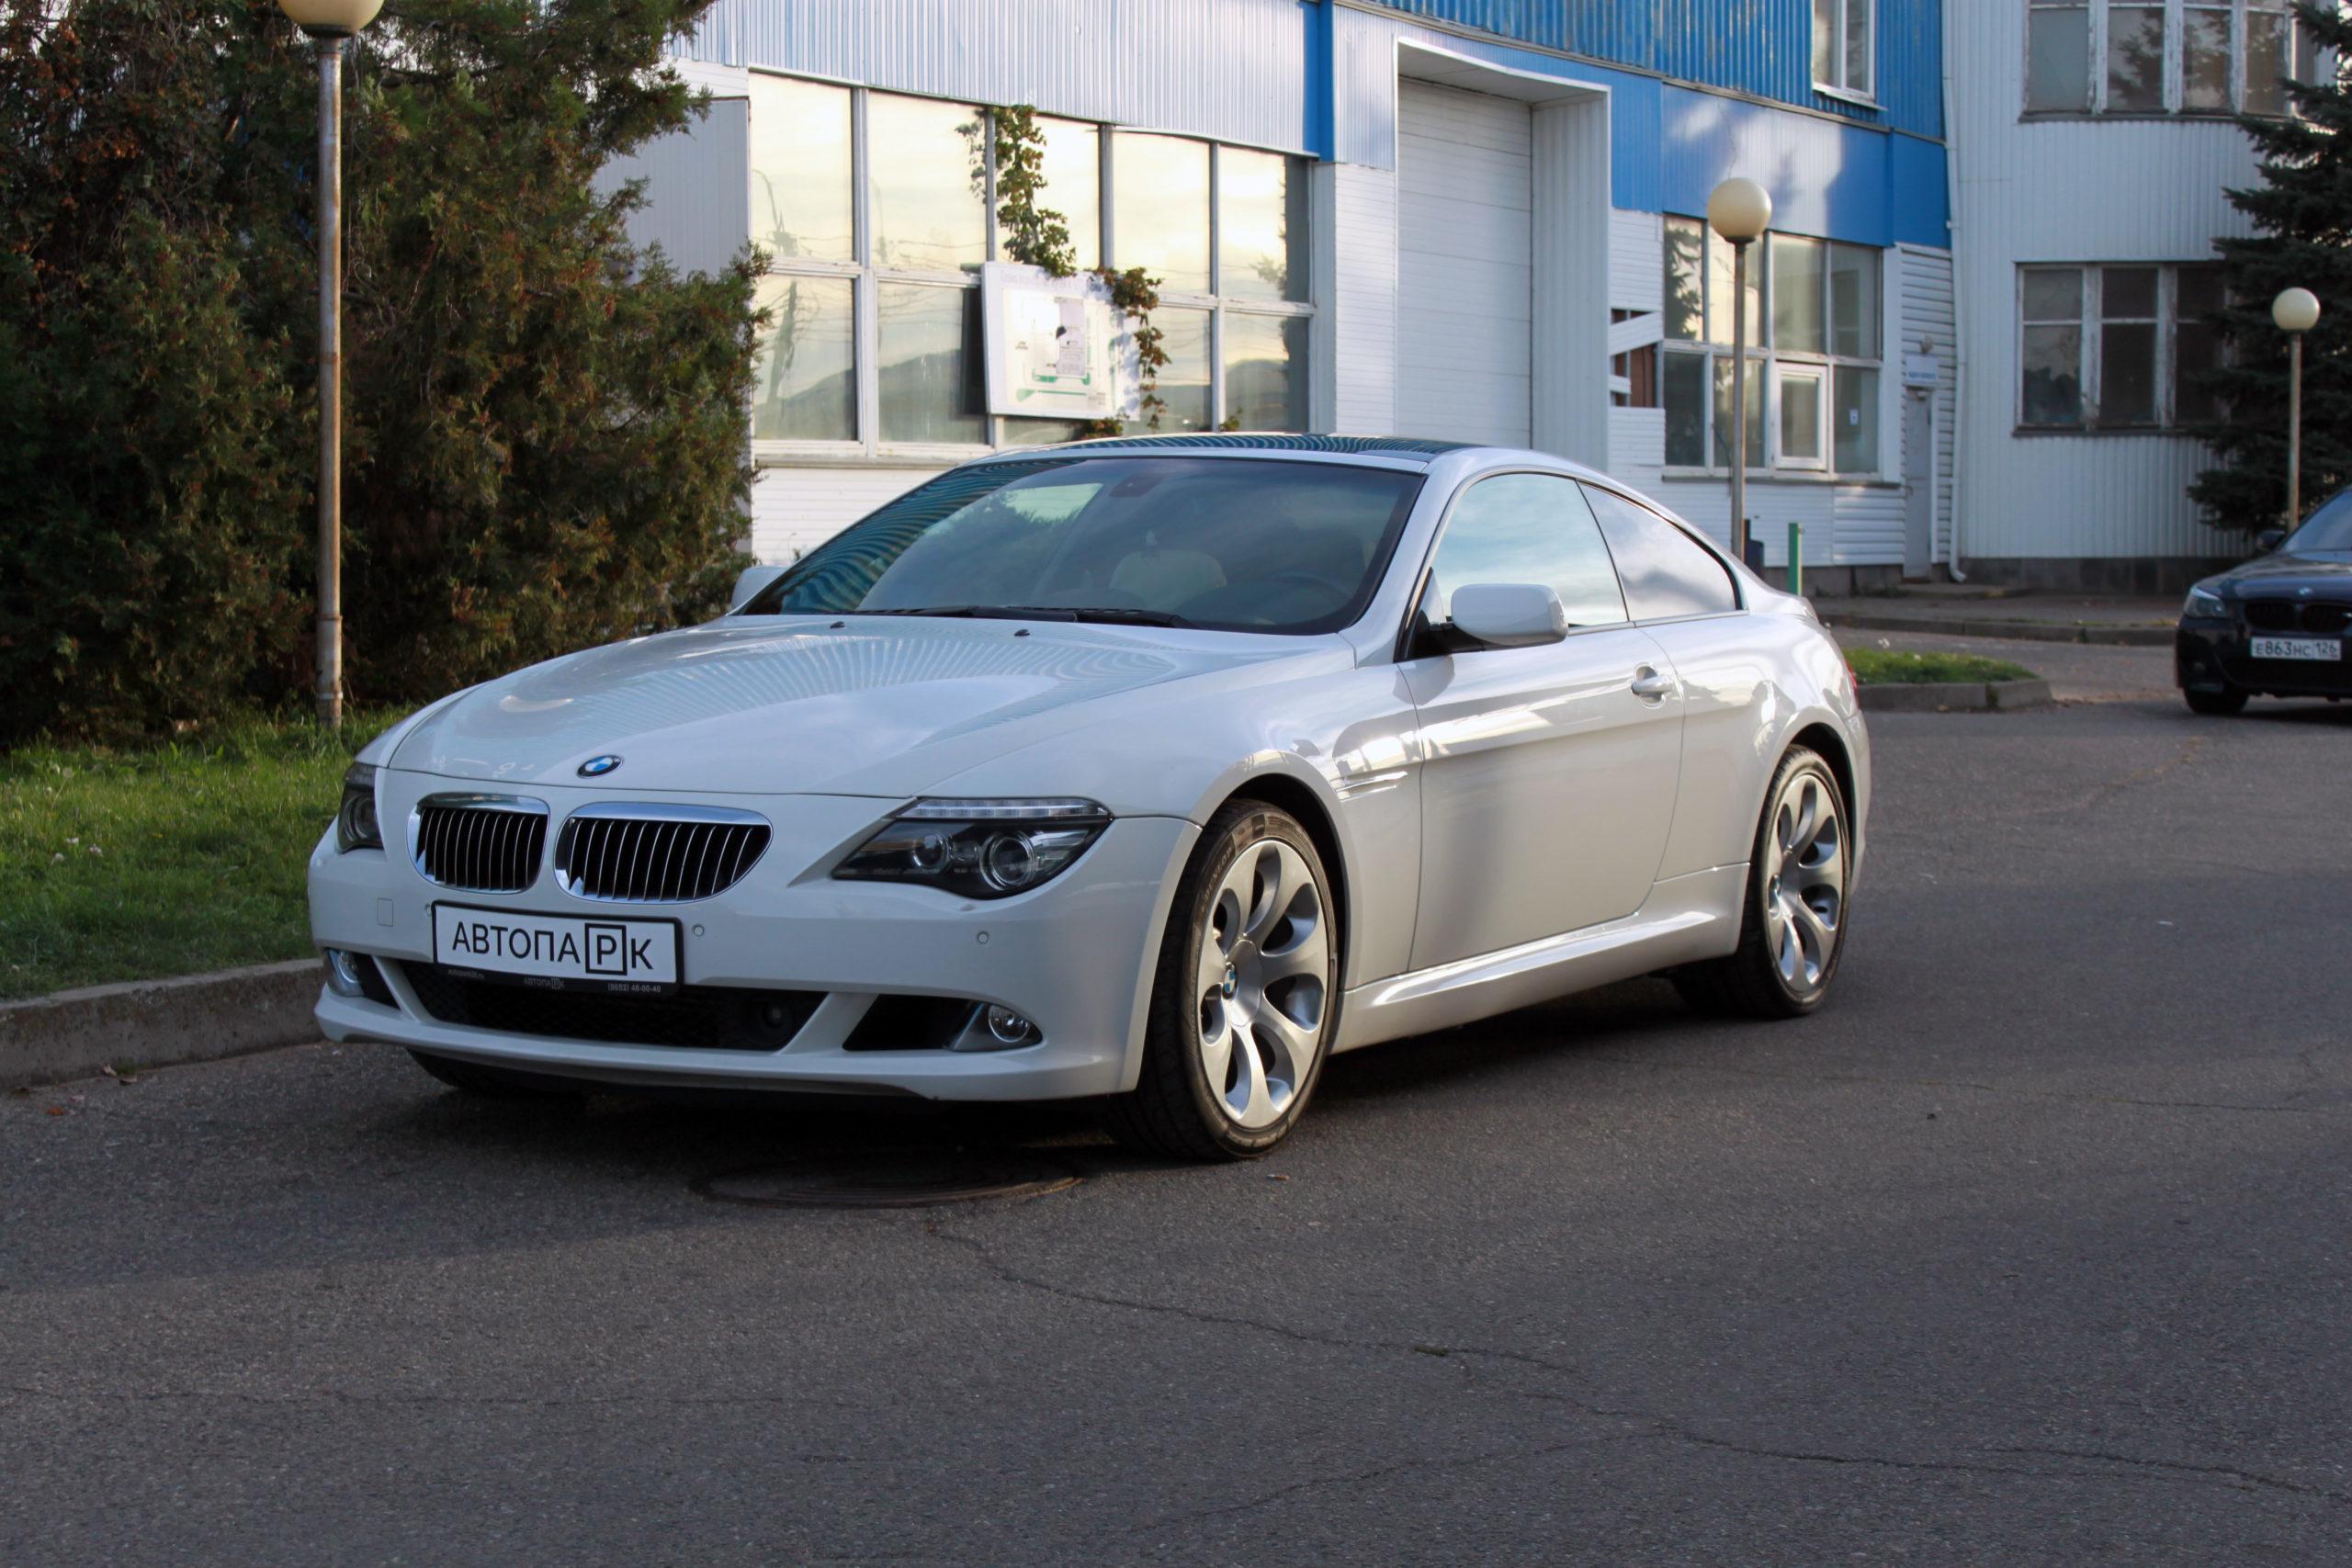 Купить BMW 6 серия (Белый) - Автопарк Ставрополь